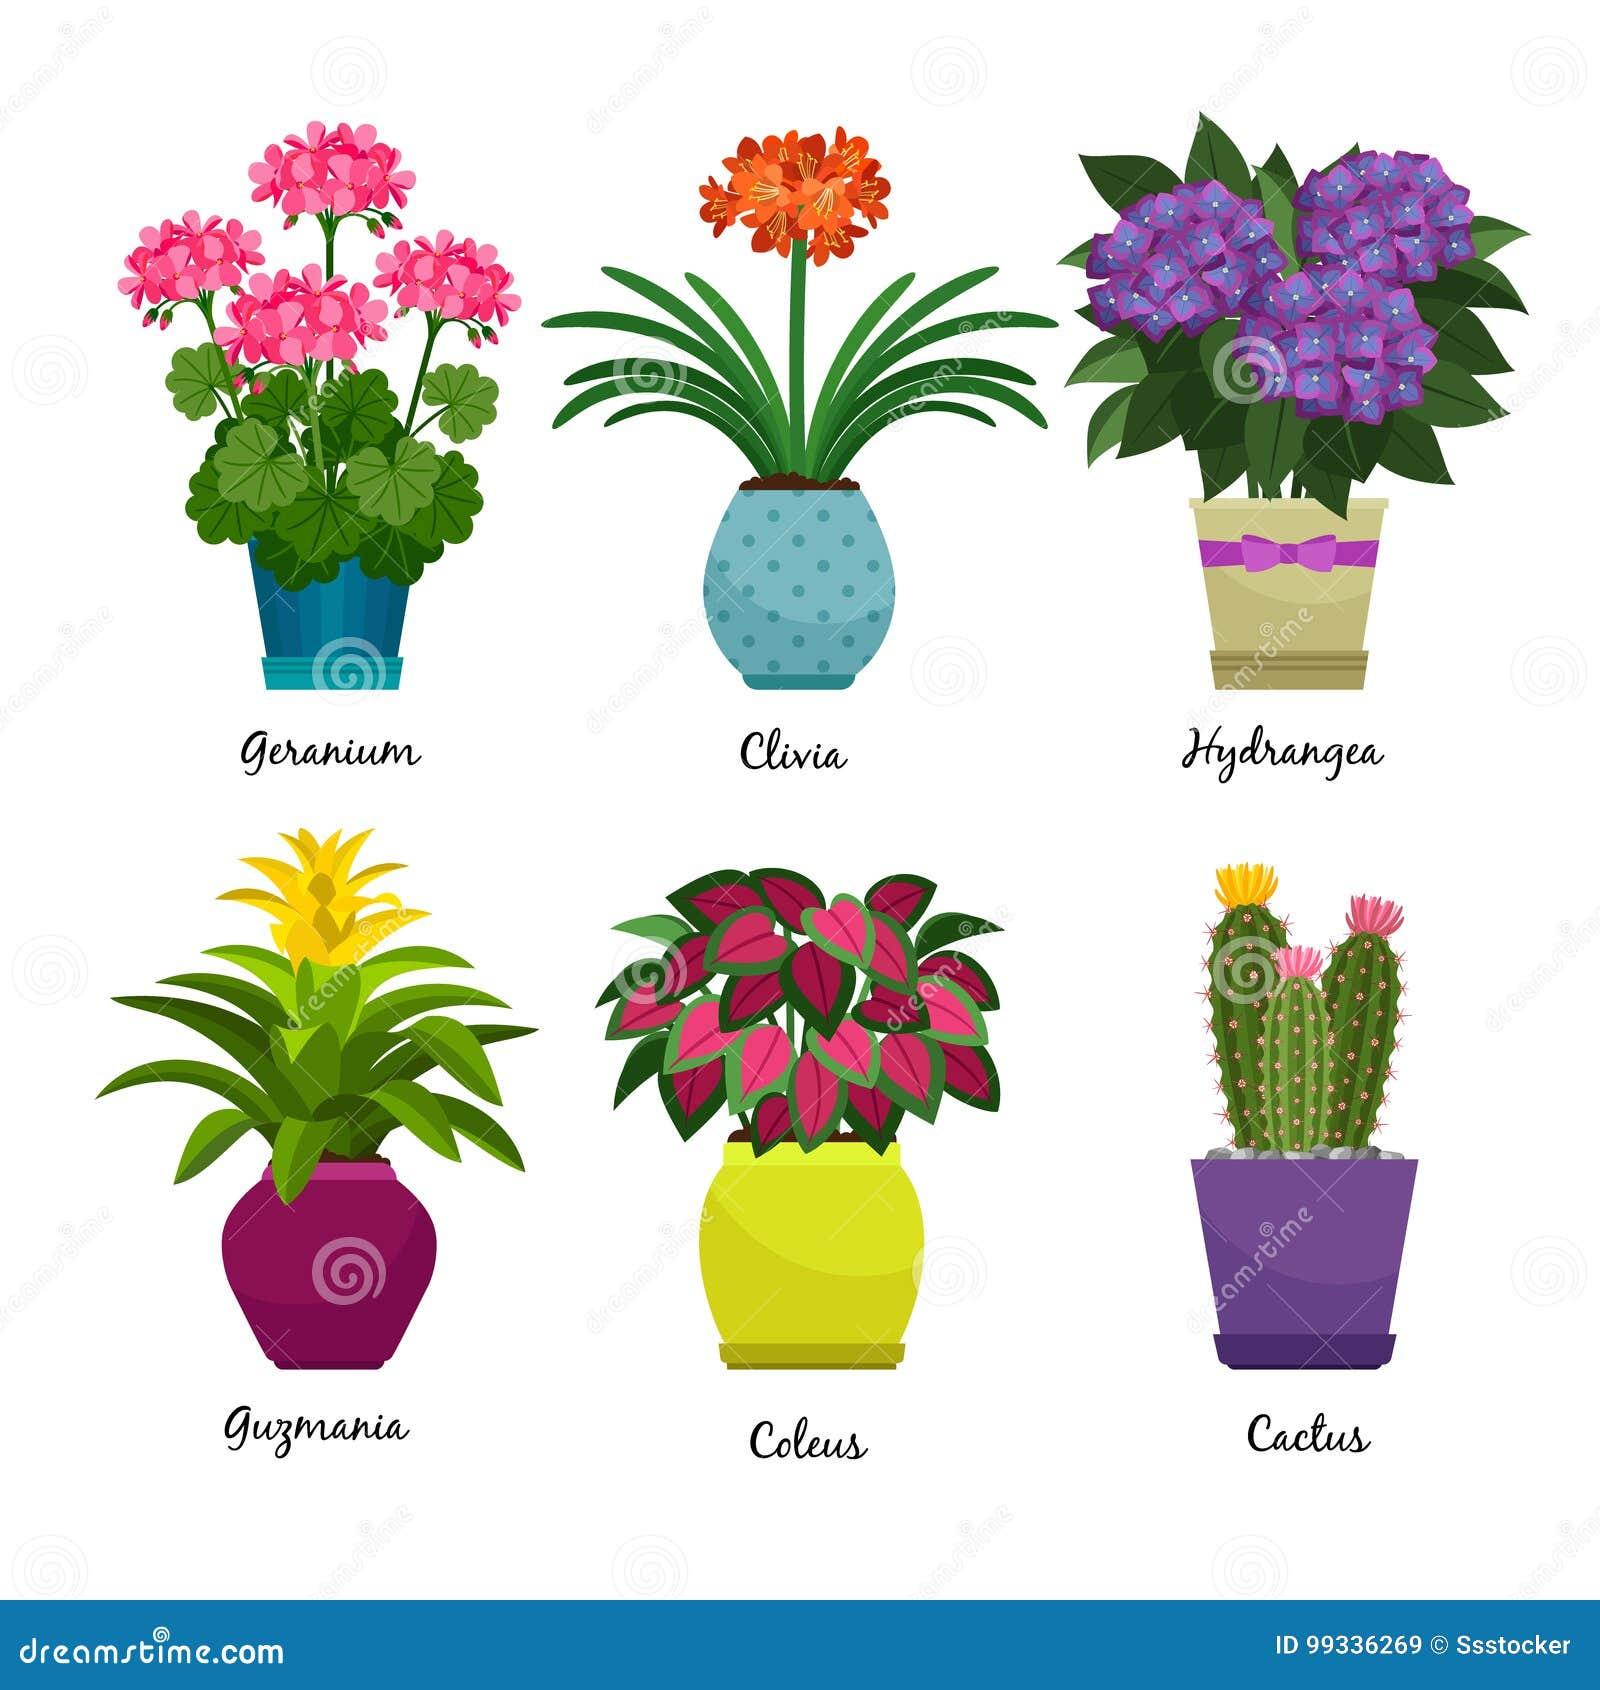 Piante E Fiori.Piante E Fiori Di Giardino Dell Interno Illustrazione Vettoriale